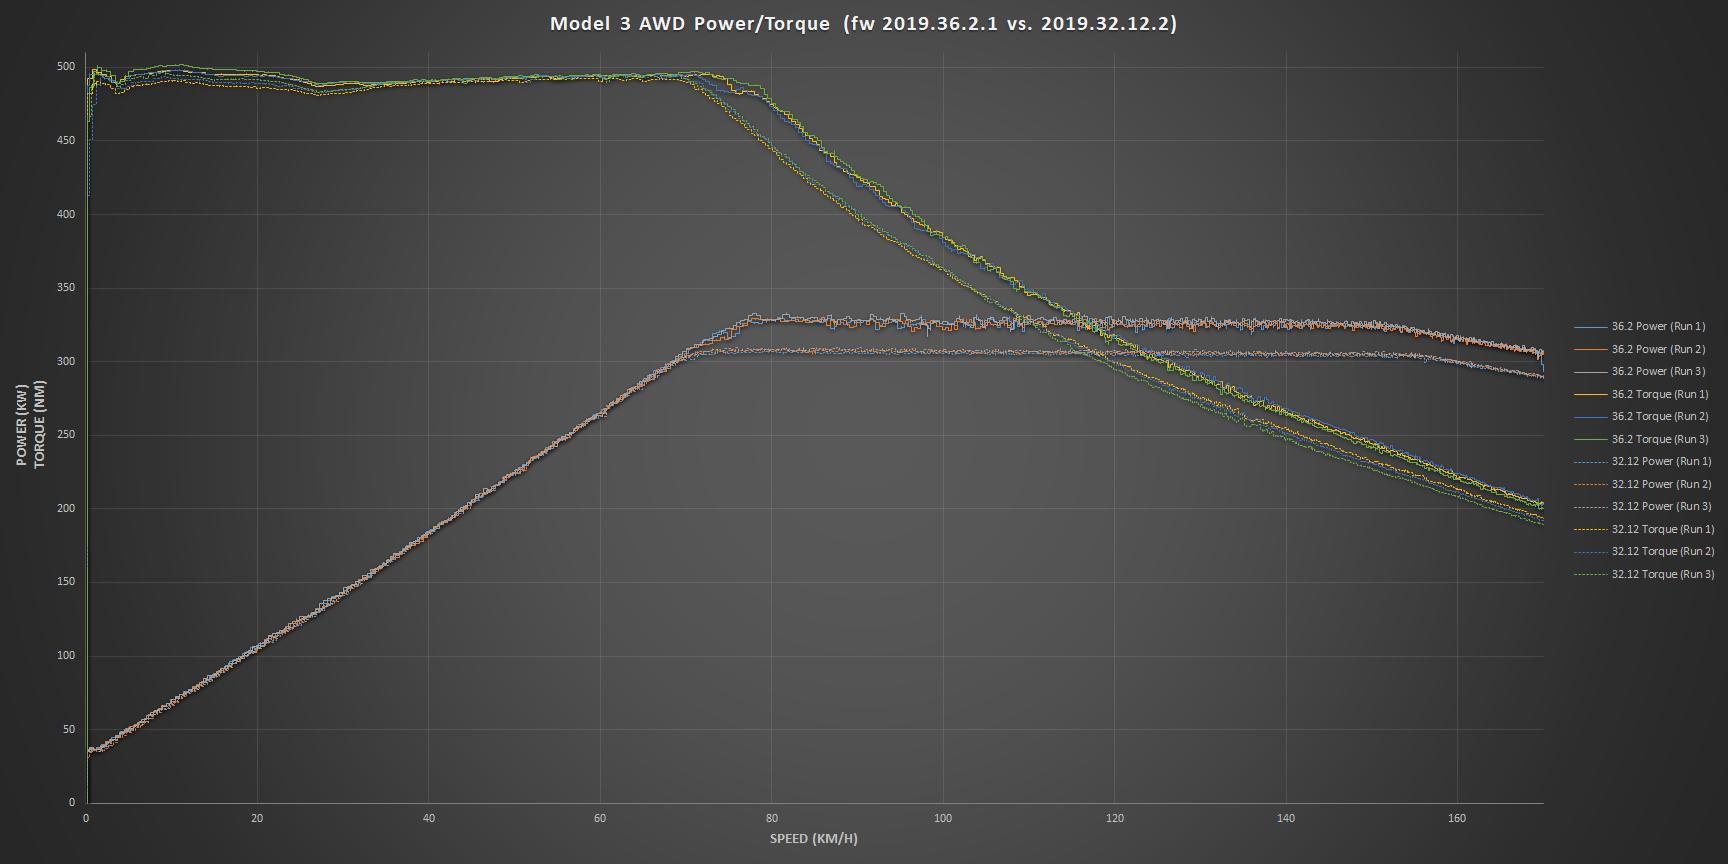 Model 3 torque curve 2019.36.2.1.png